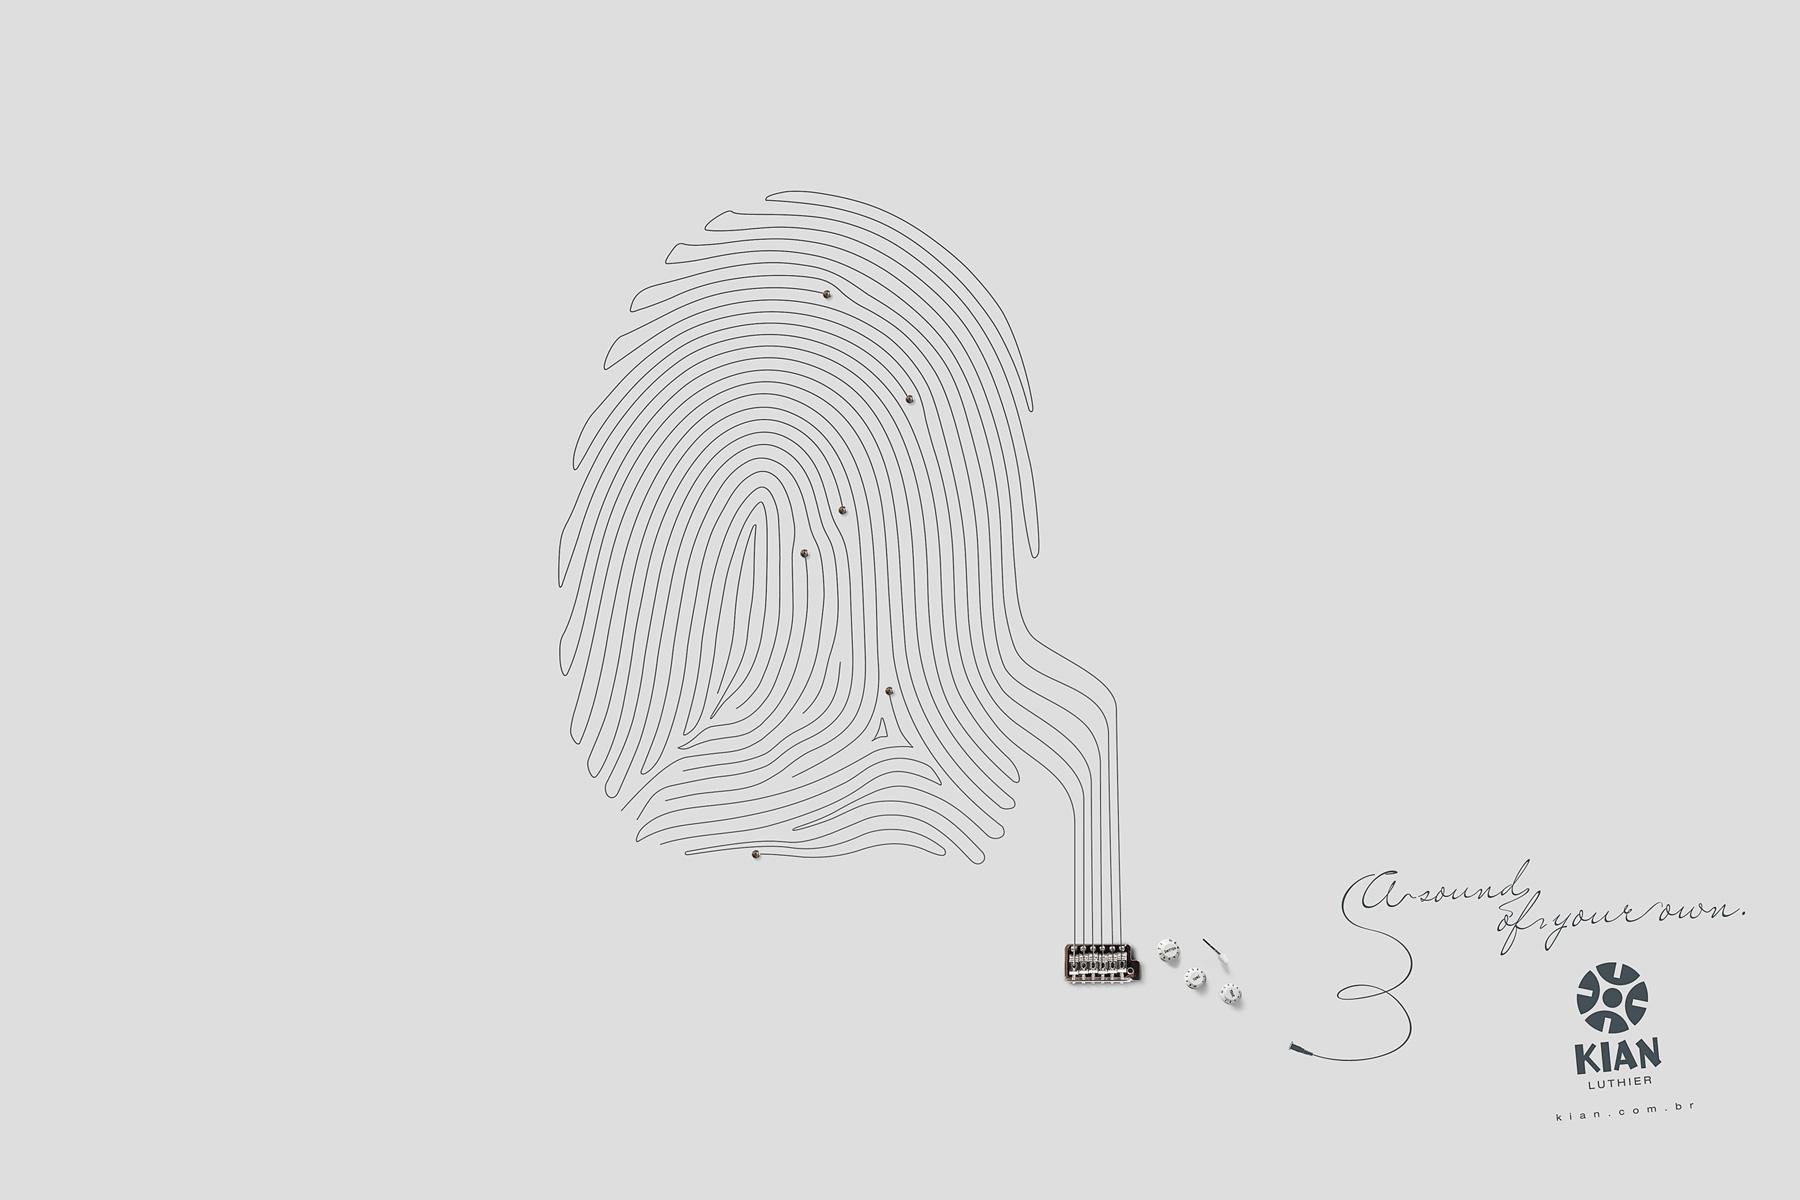 Kian Luthier Print Ad -  Fingerprint, 1